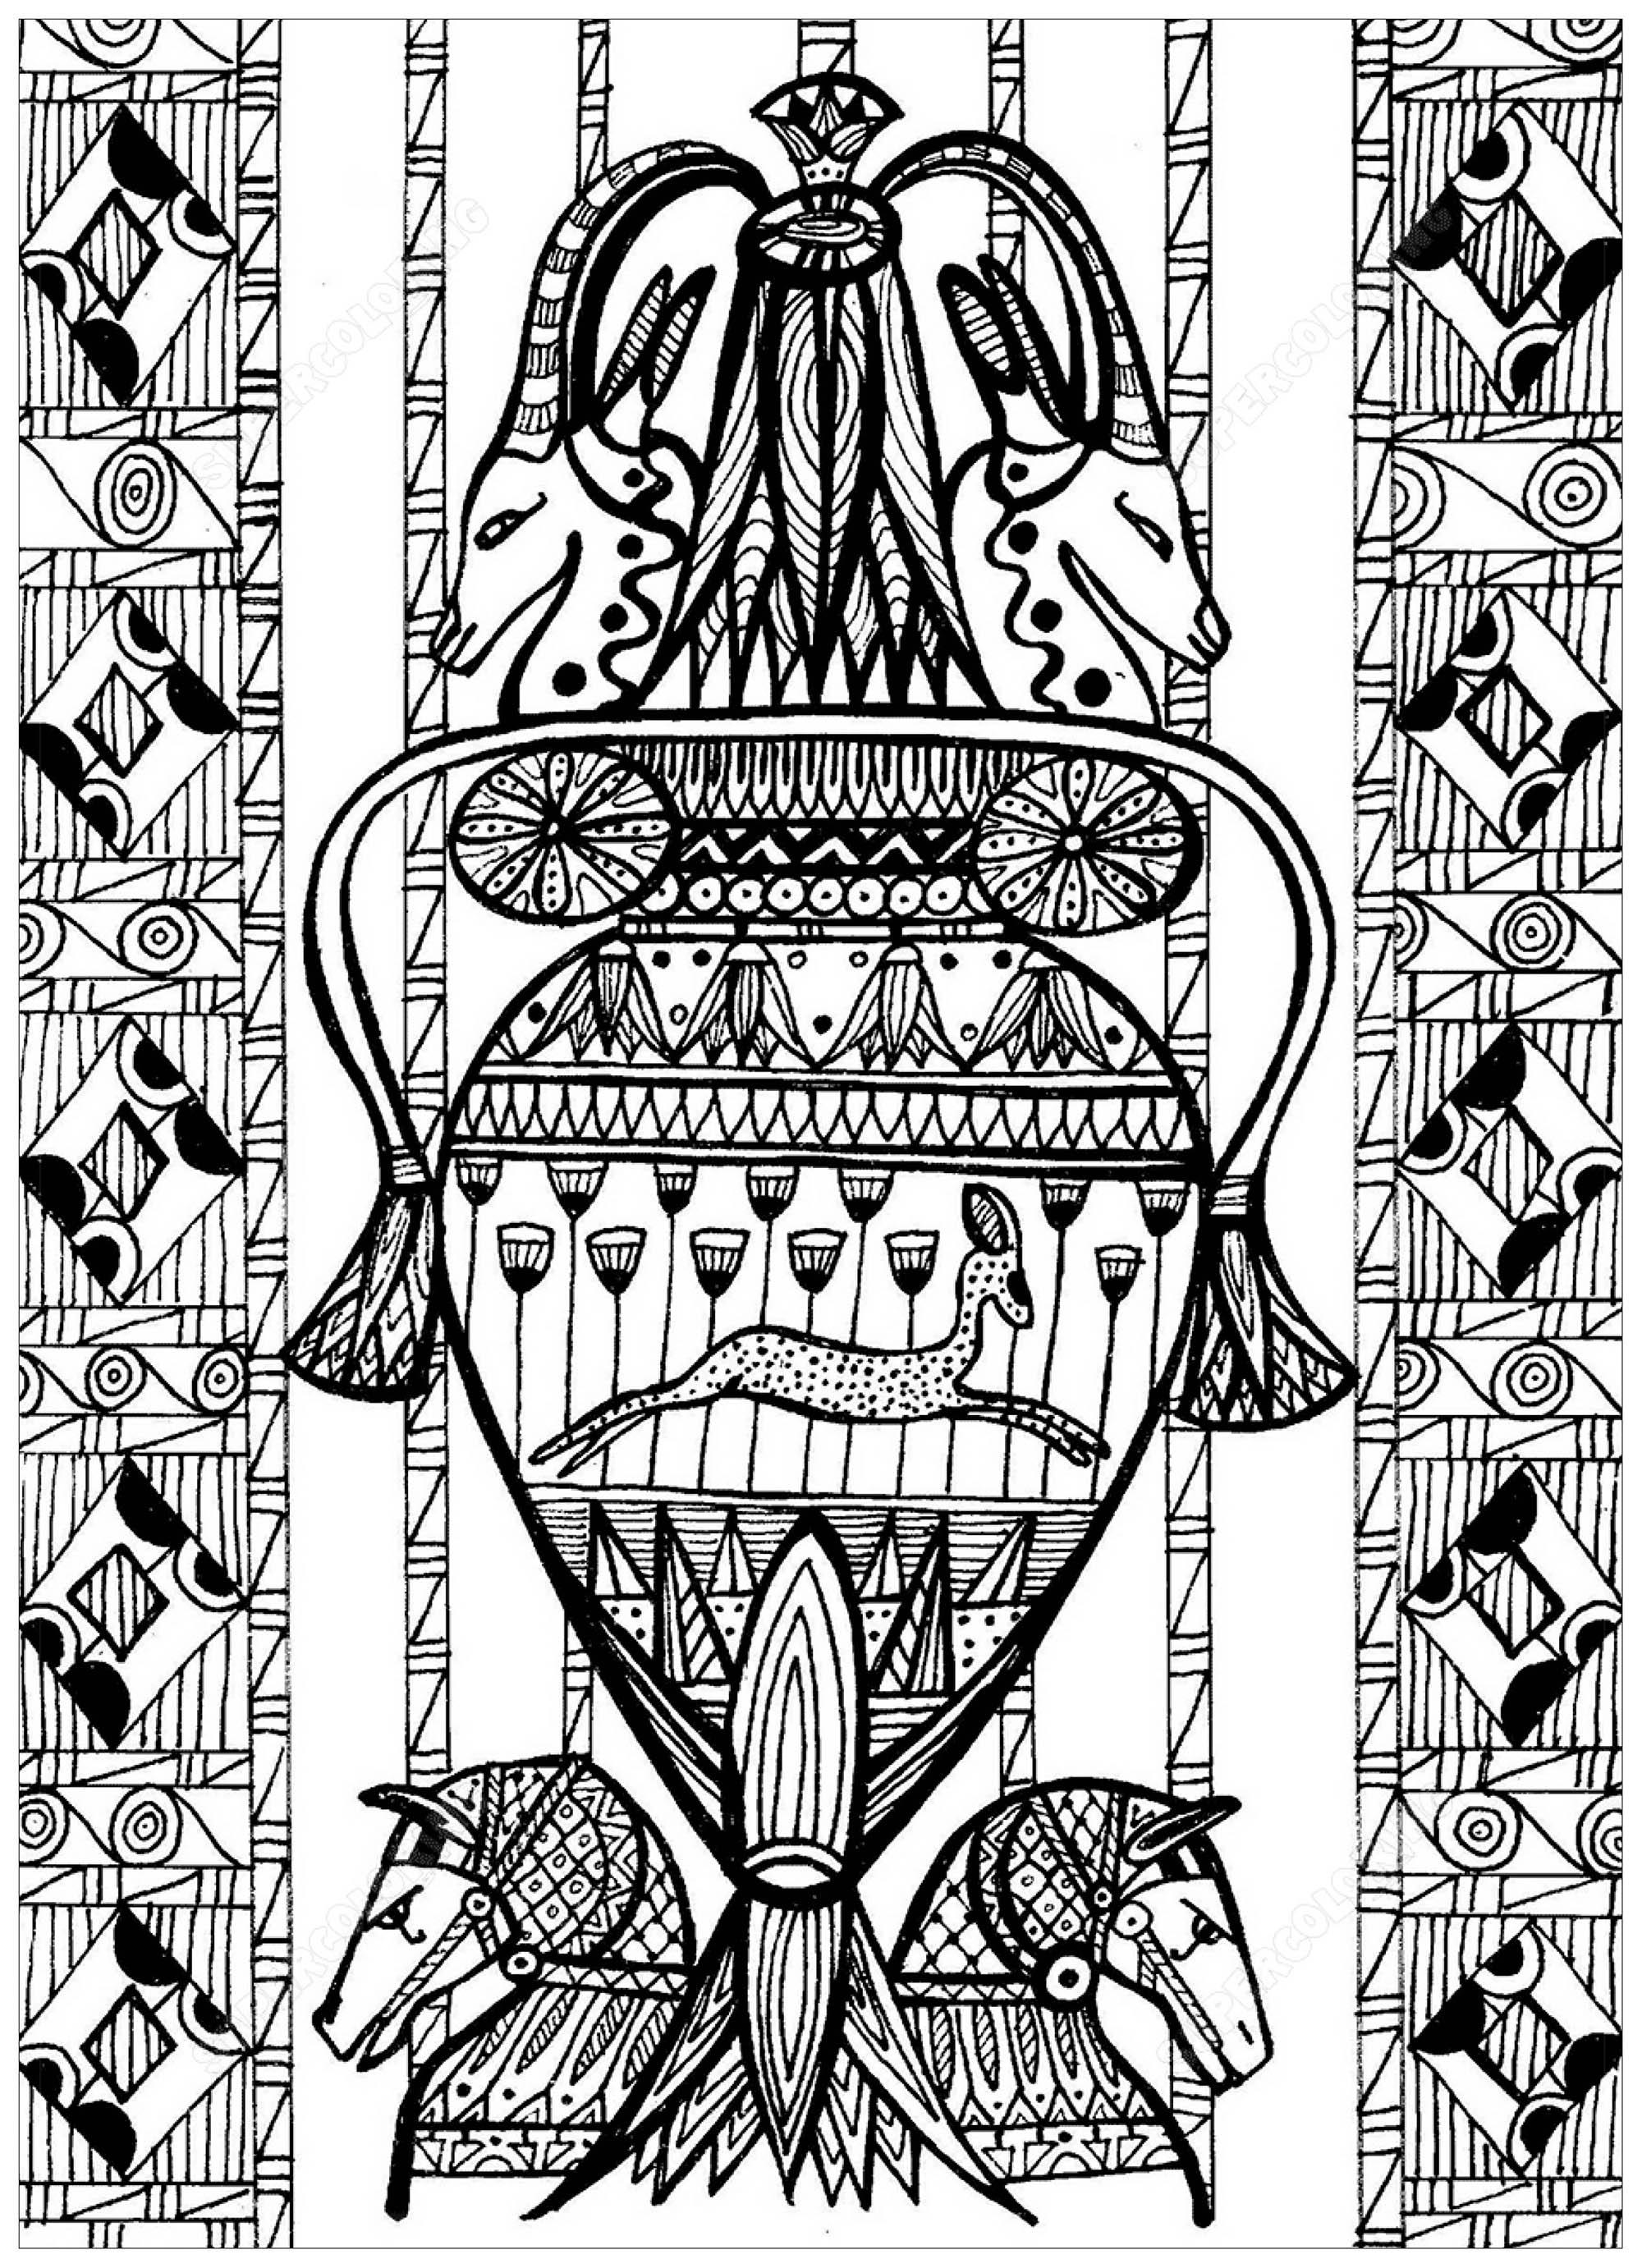 Agypten und hieroglyphen 7951 - Ägypten und Hieroglyphen - Malbuch ...